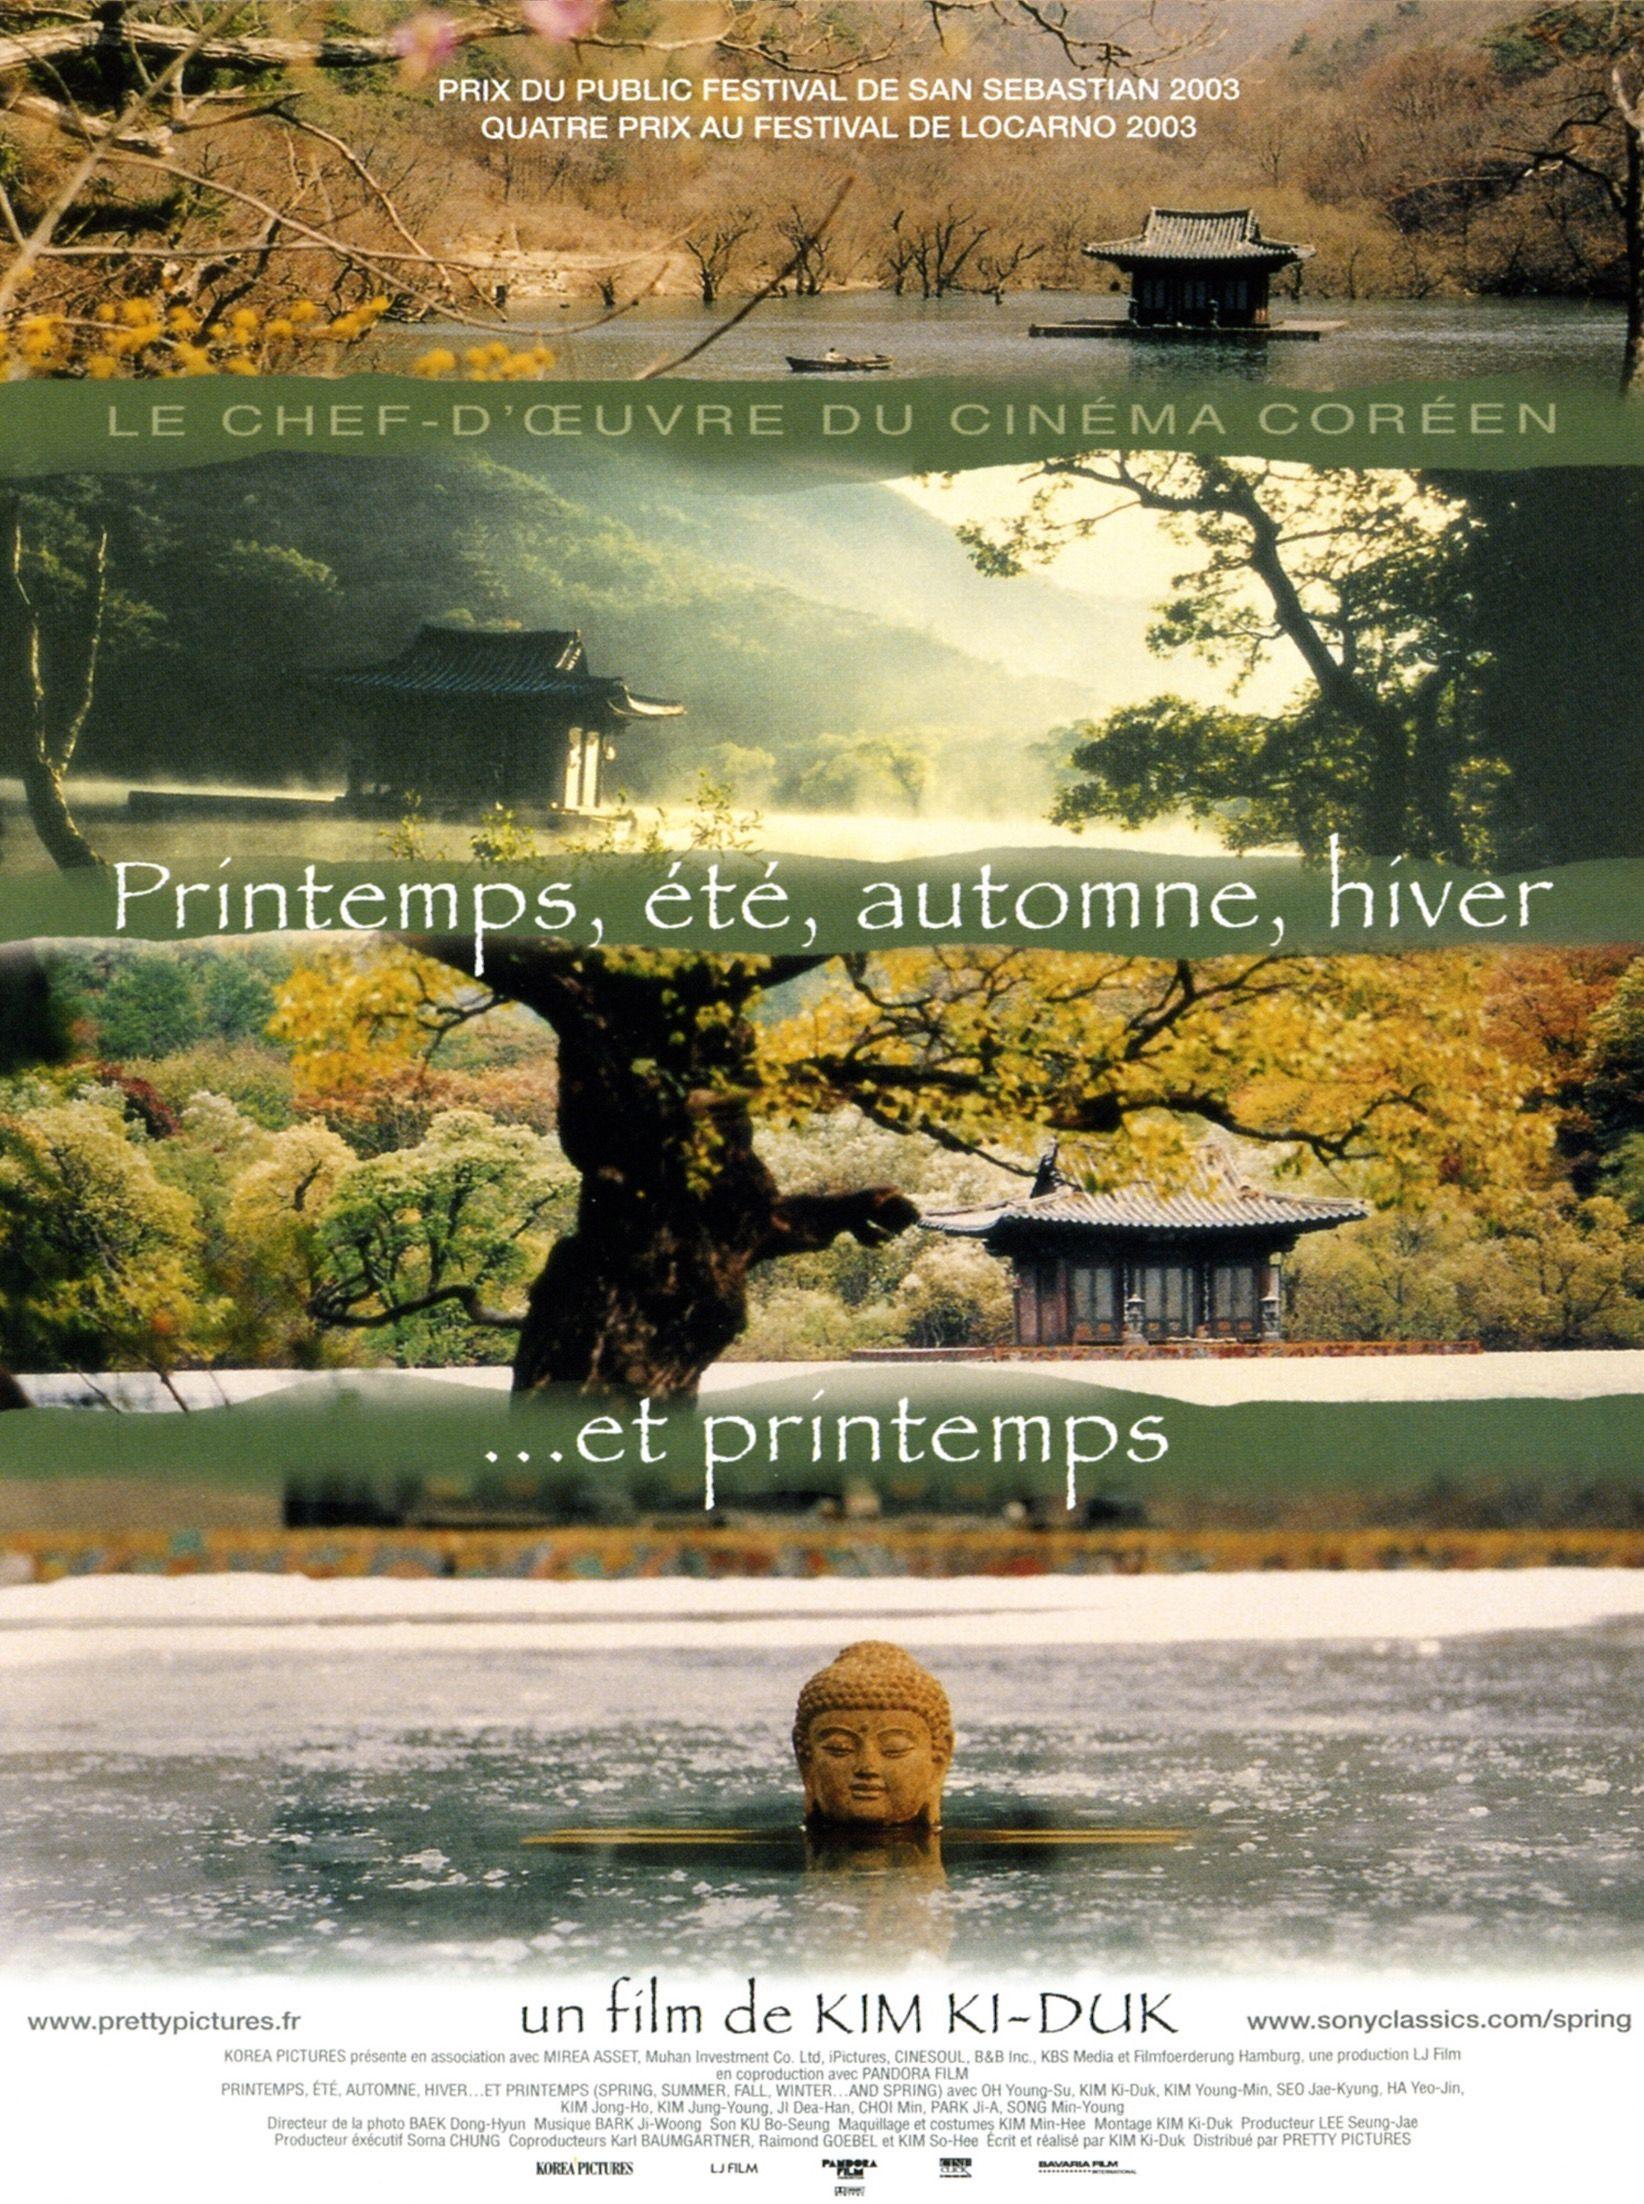 Printemps t automne hiver et printemps film 2003 - Printemps ete automne hiver et printemps ...